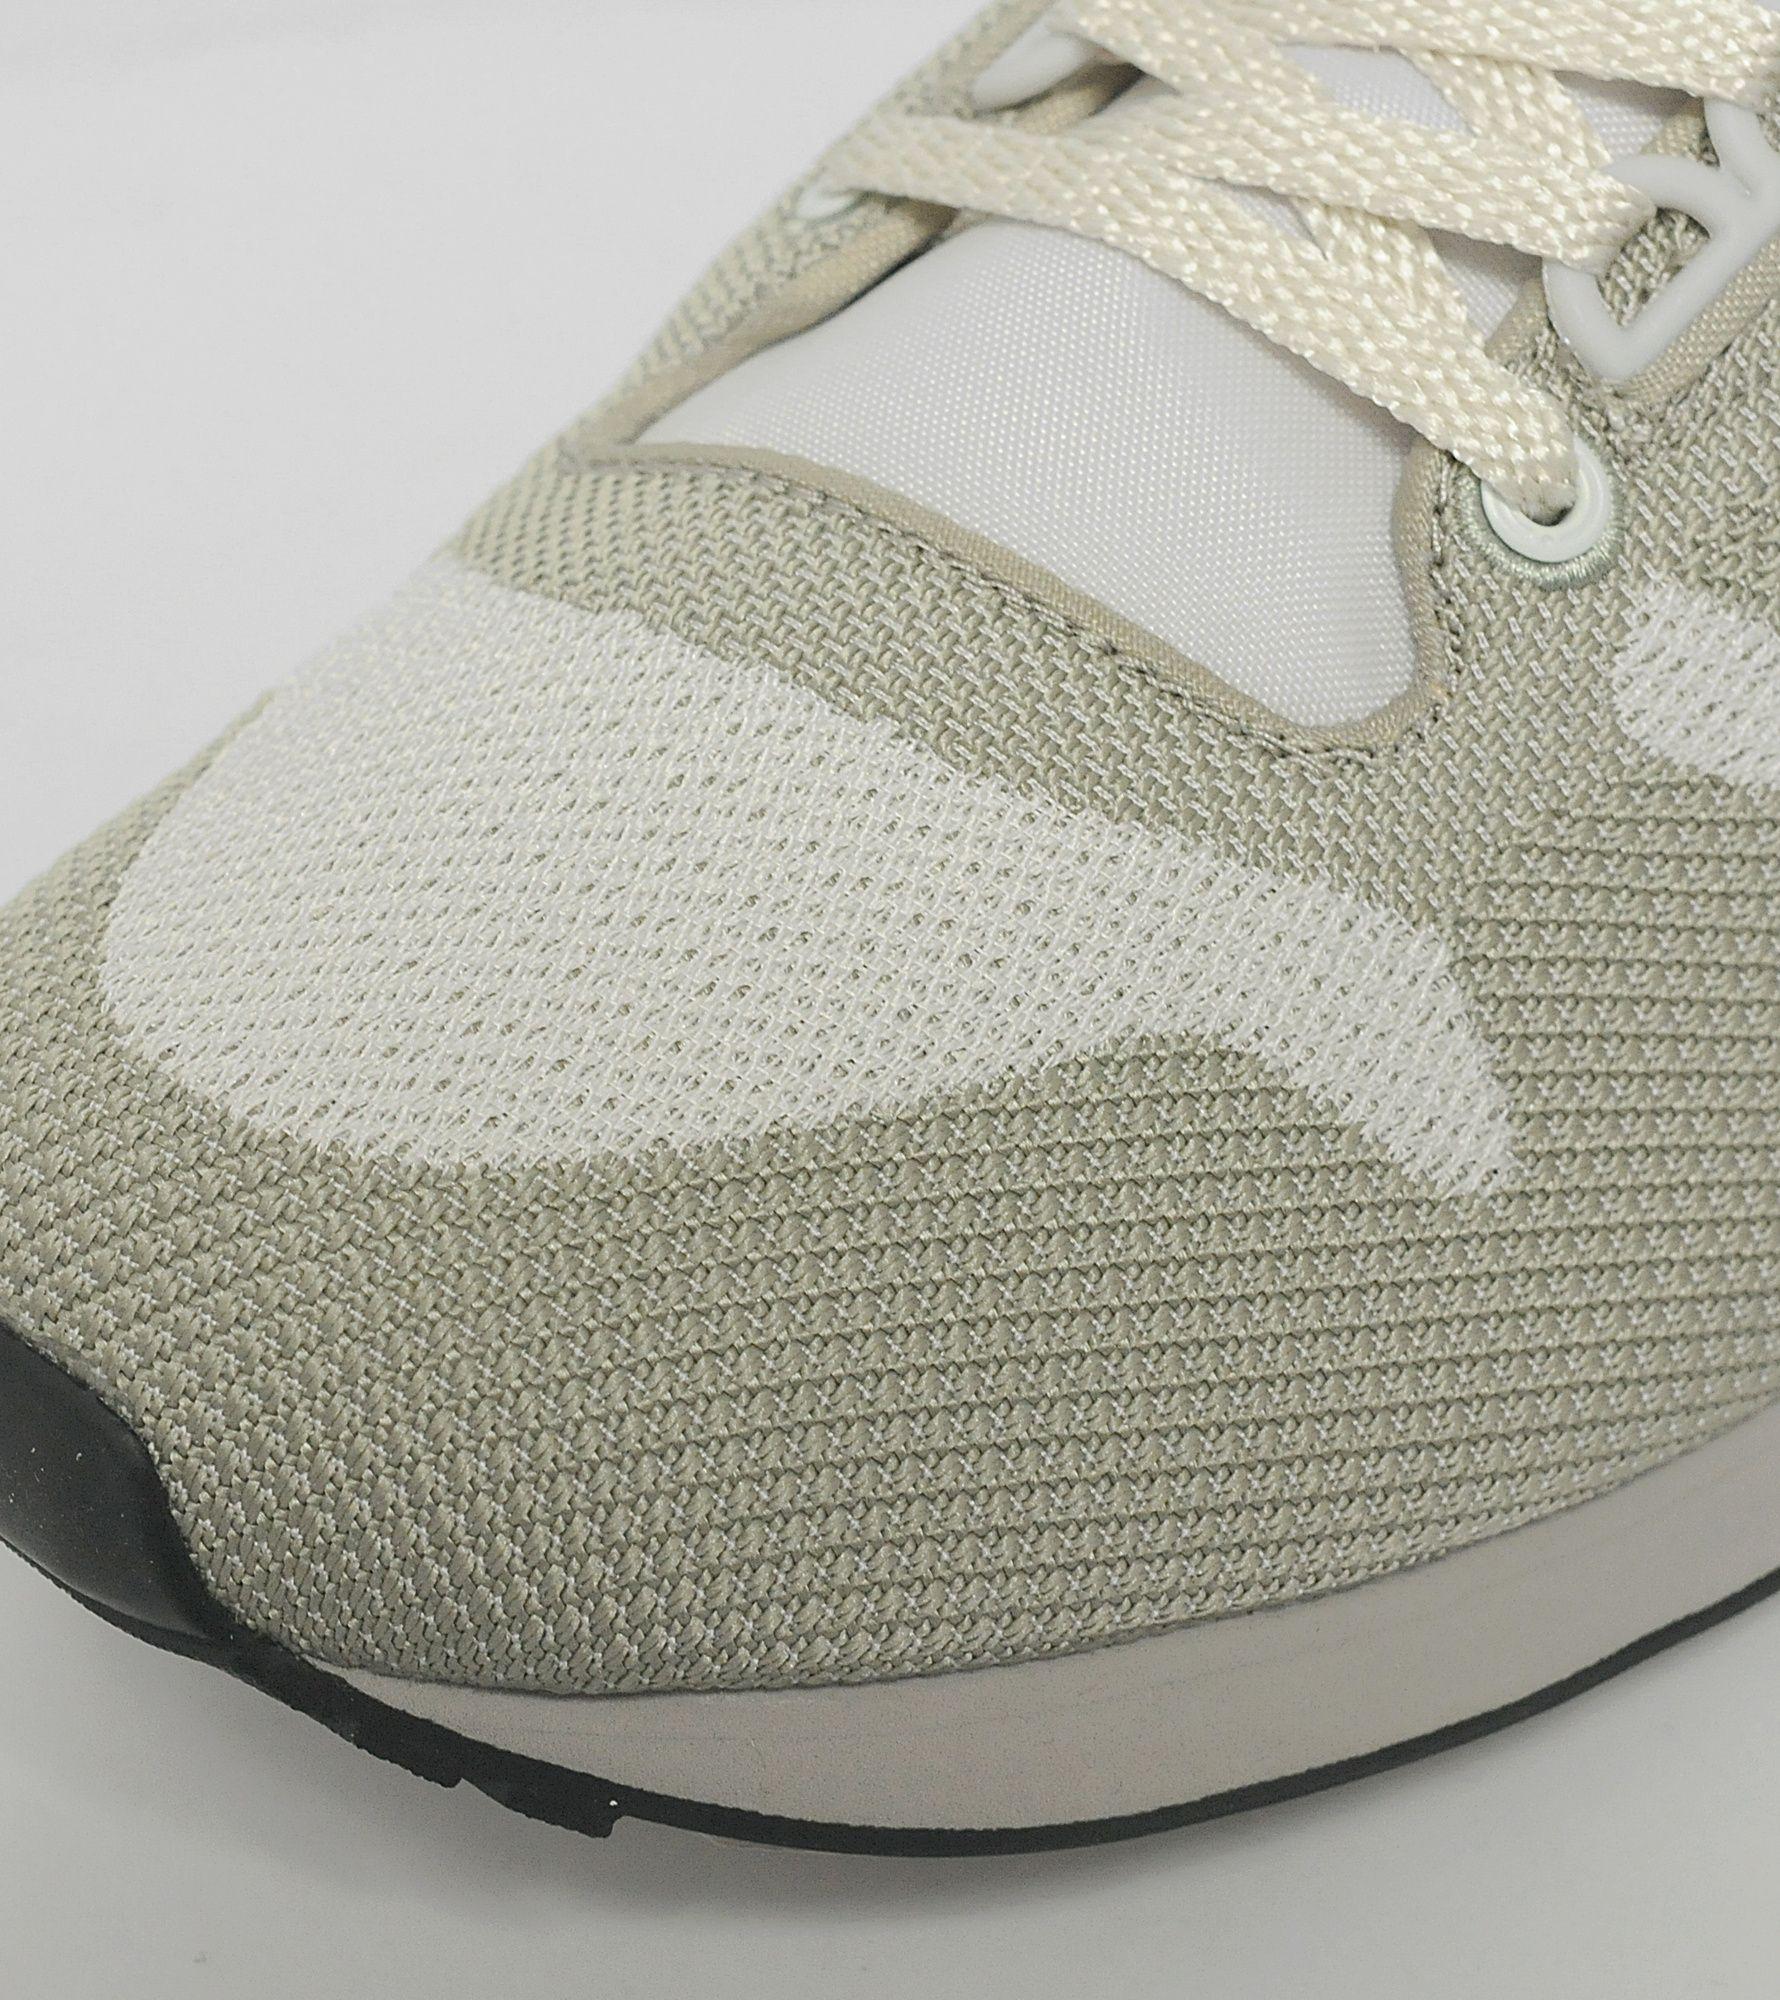 a1ee0e8cca455c ... ireland adidas originals zx 500 og weave 863ae 4cbc2